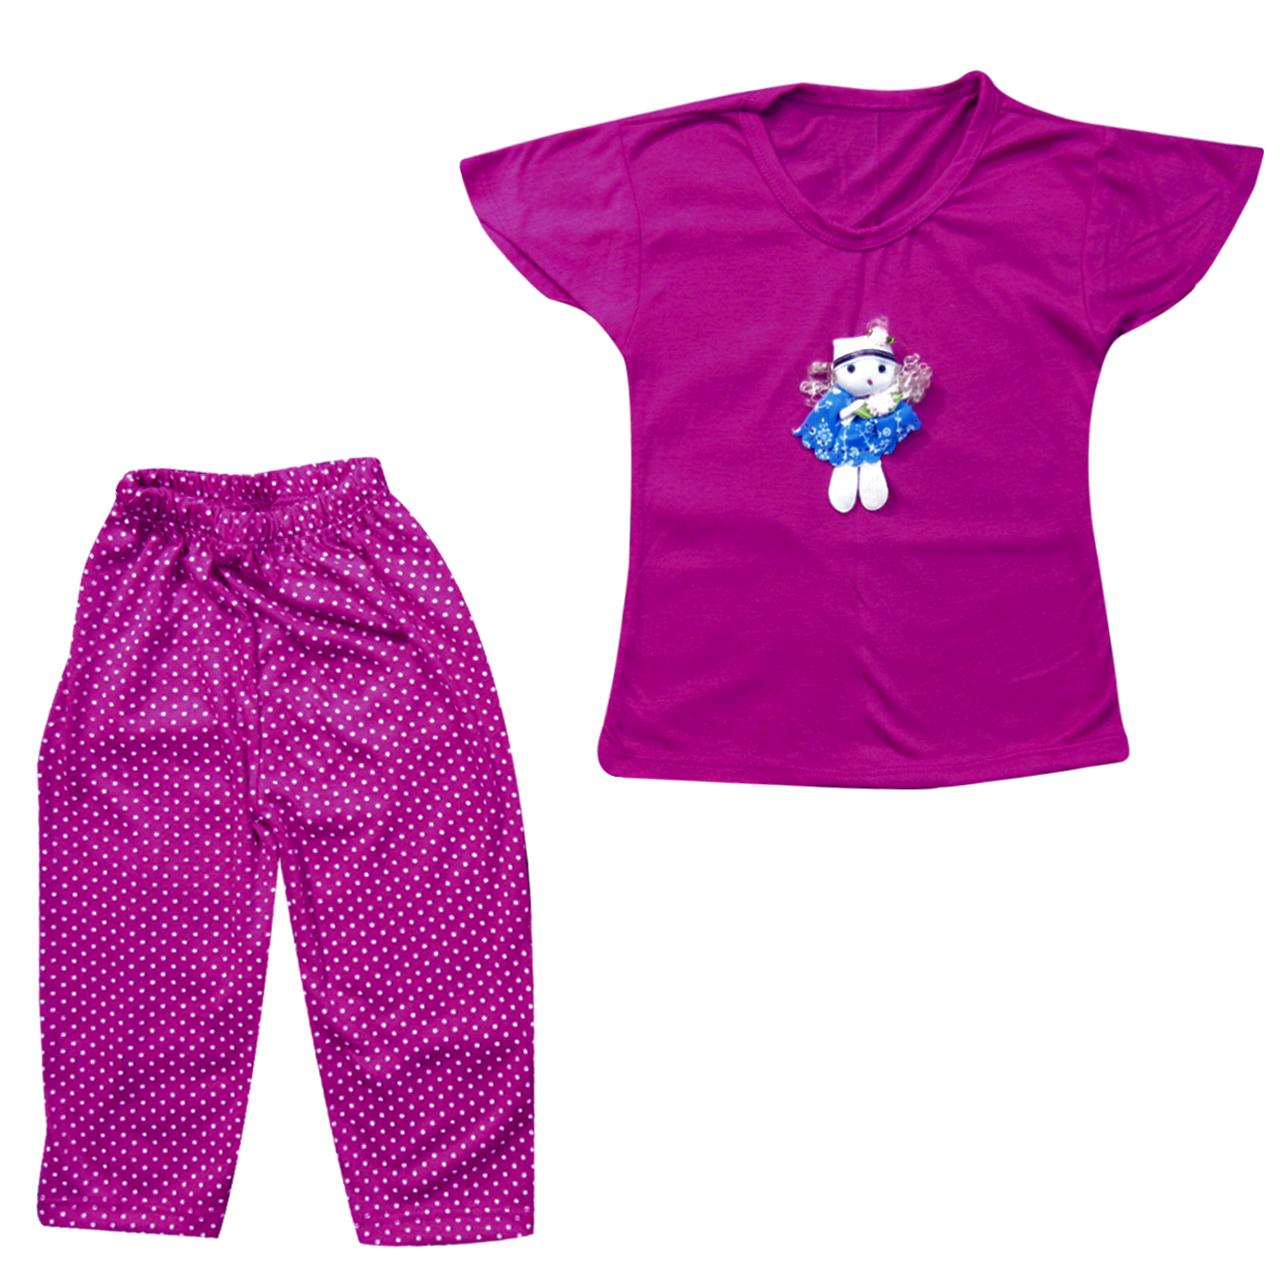 ست 2 تکه لباس راحتی دخترانه مدل Dolls رنگ بنفش